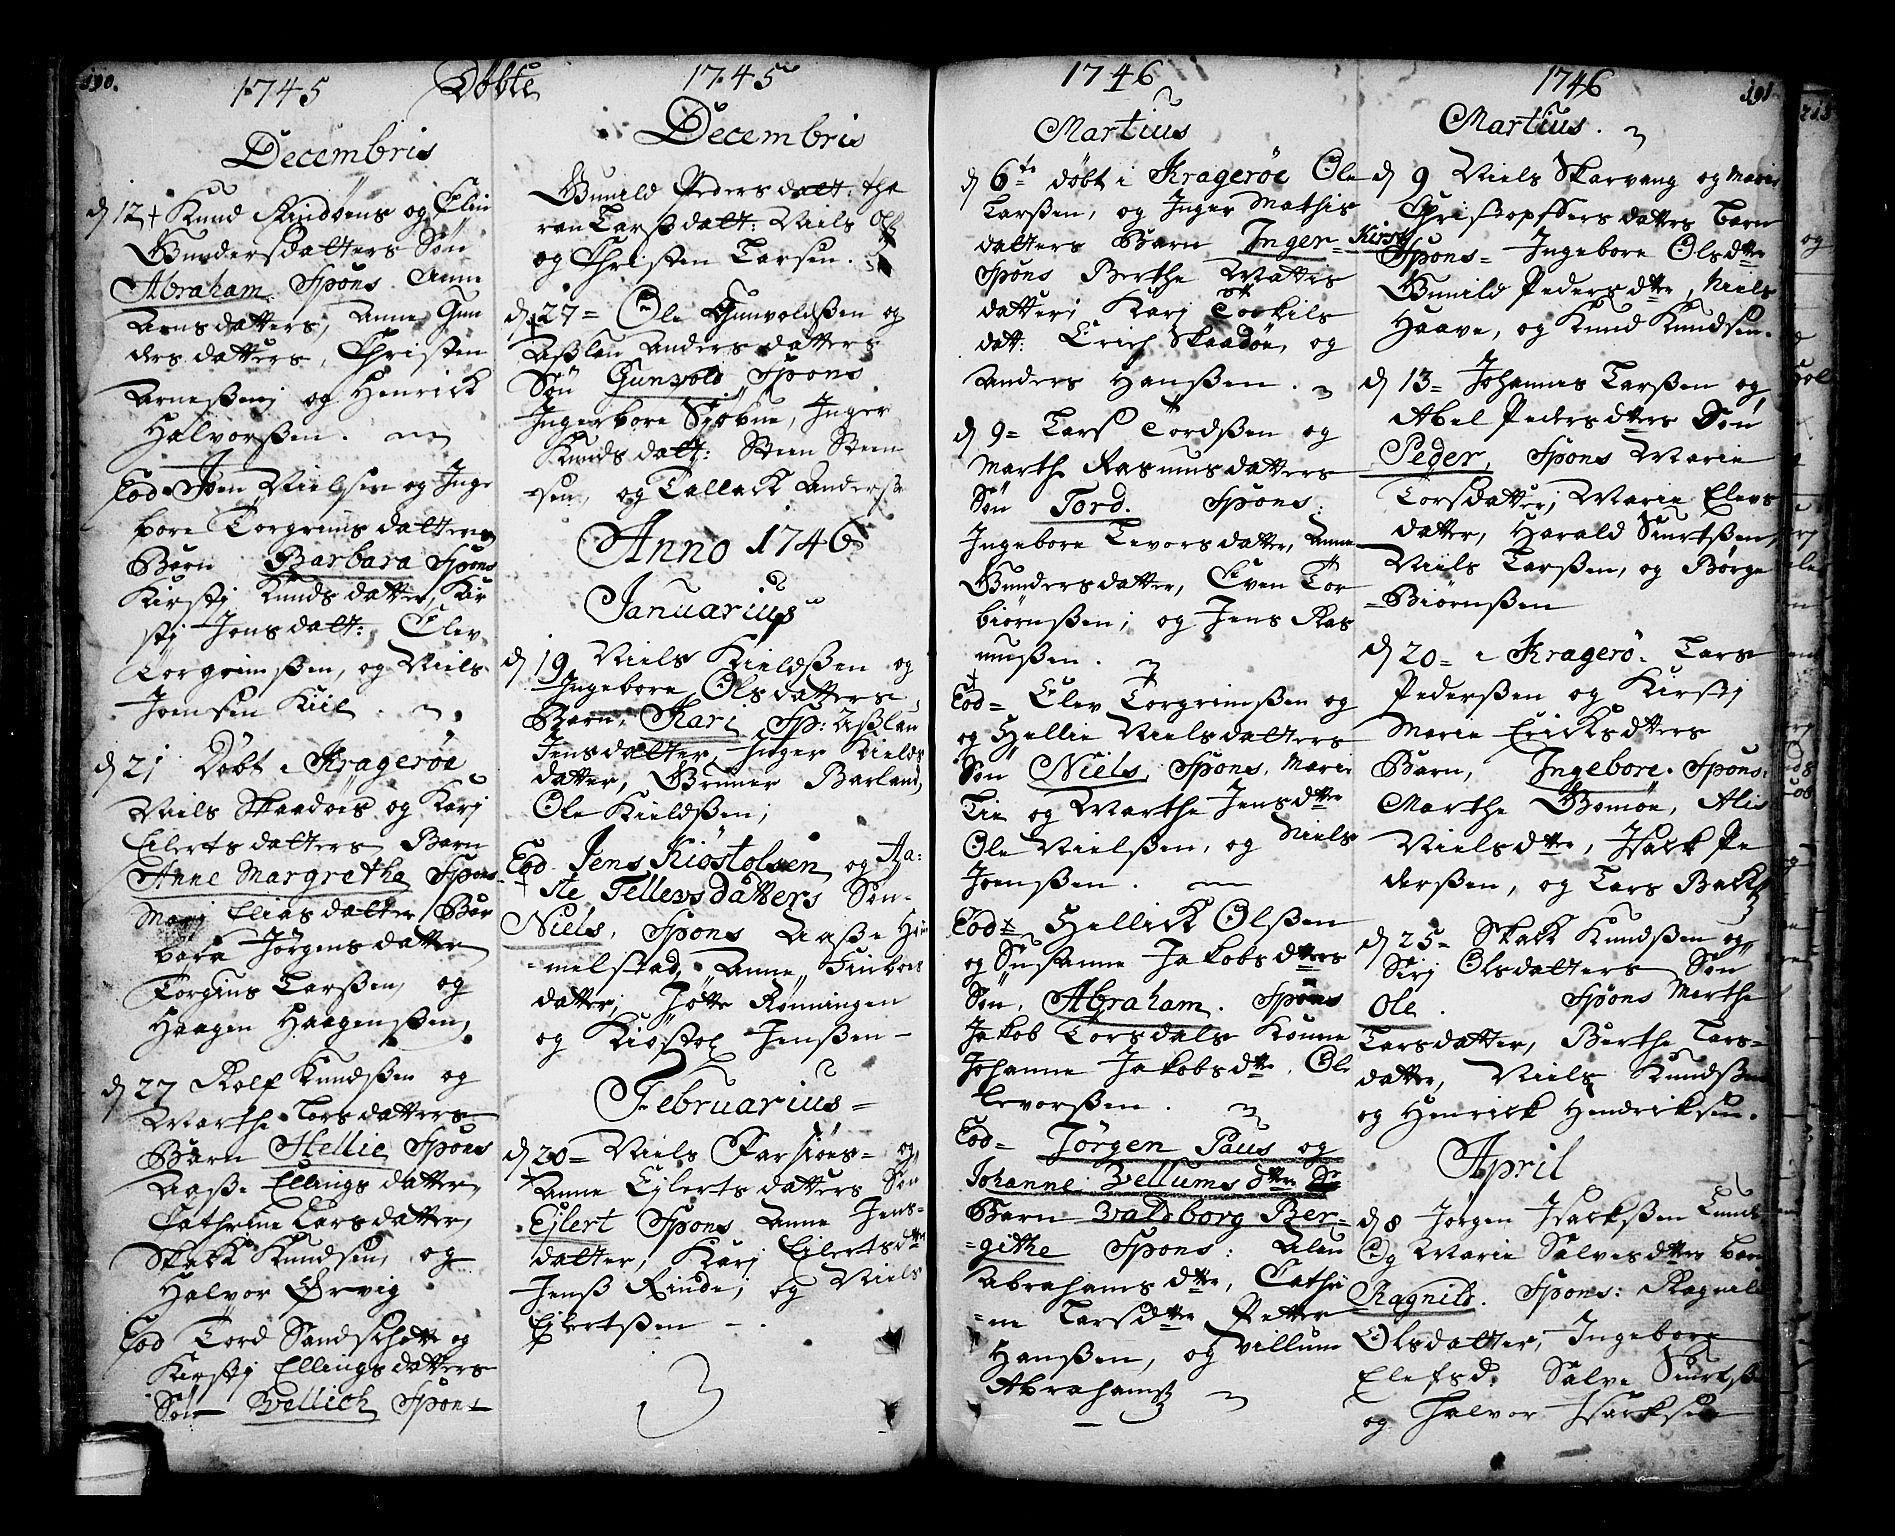 SAKO, Sannidal kirkebøker, F/Fa/L0001: Ministerialbok nr. 1, 1702-1766, s. 190-191